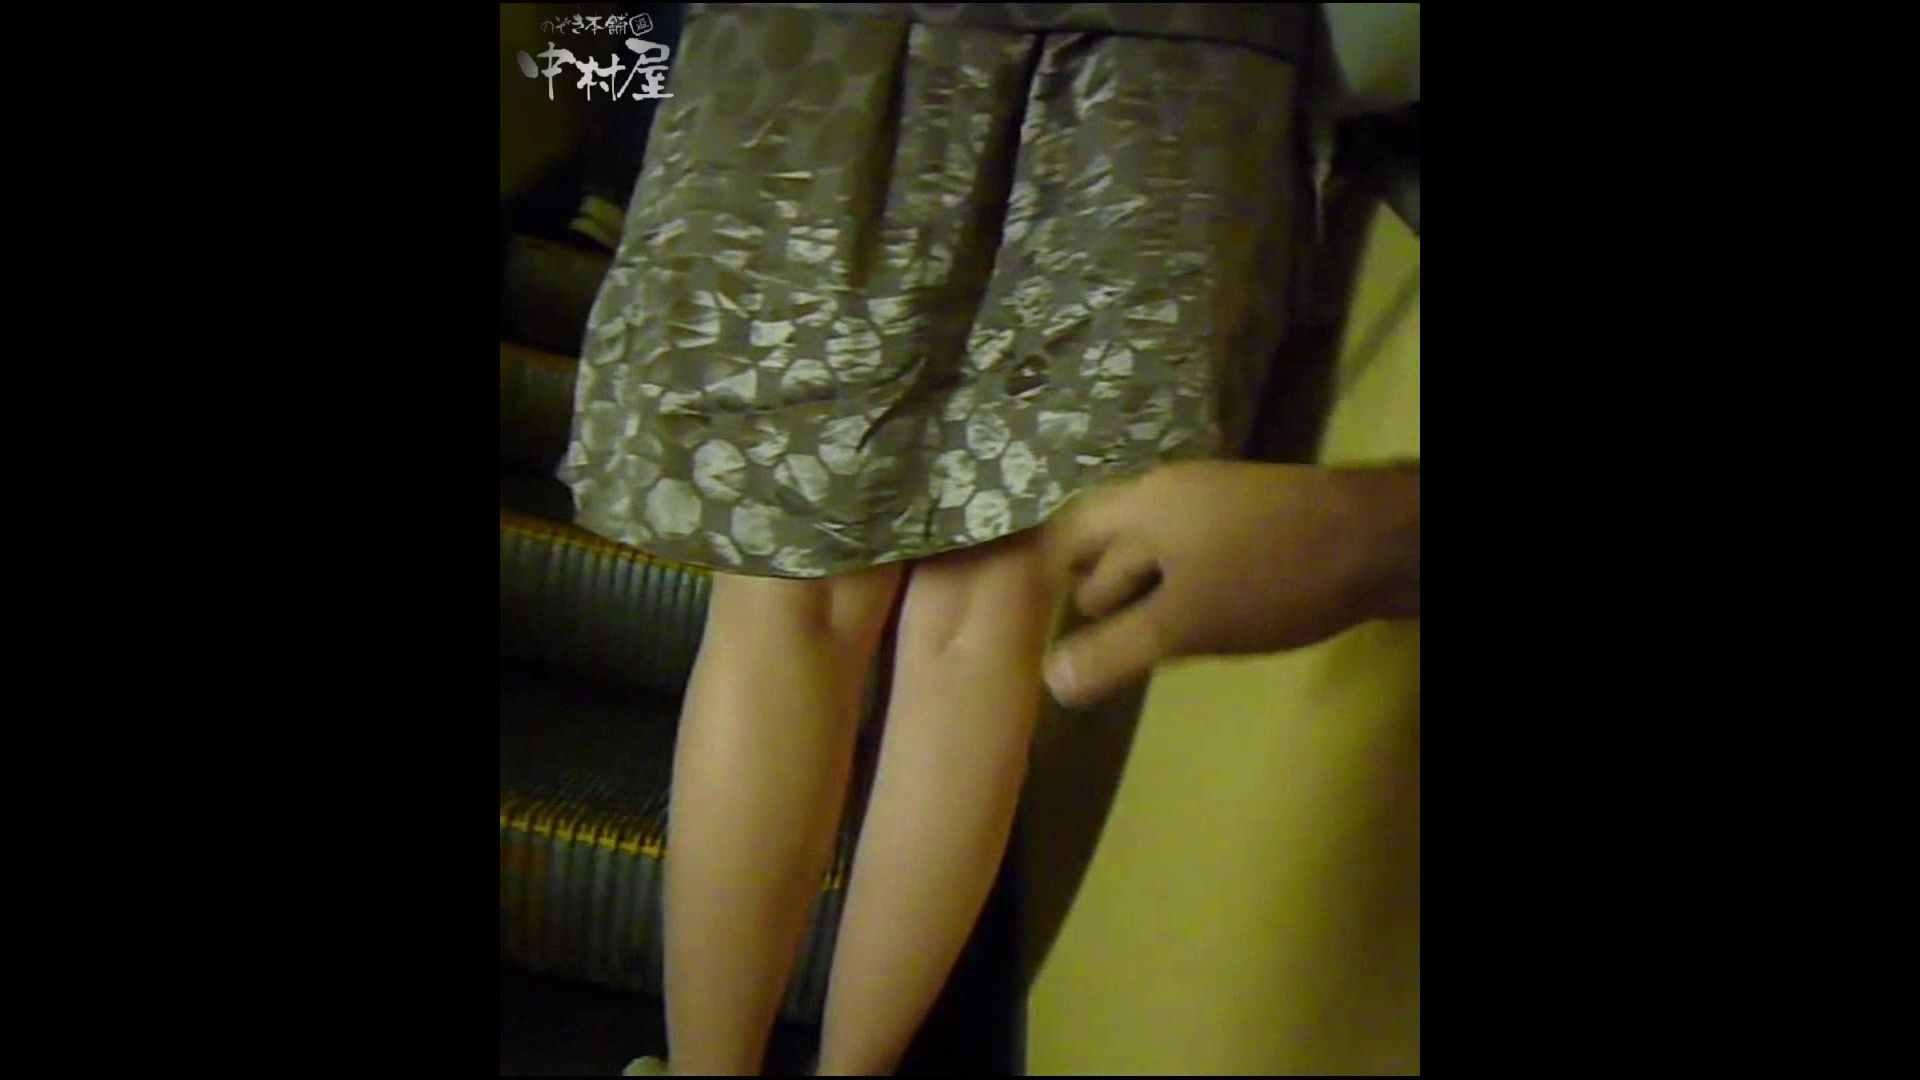 綺麗なモデルさんのスカート捲っちゃおう‼ vol26 エロいお姉さん  10枚 8